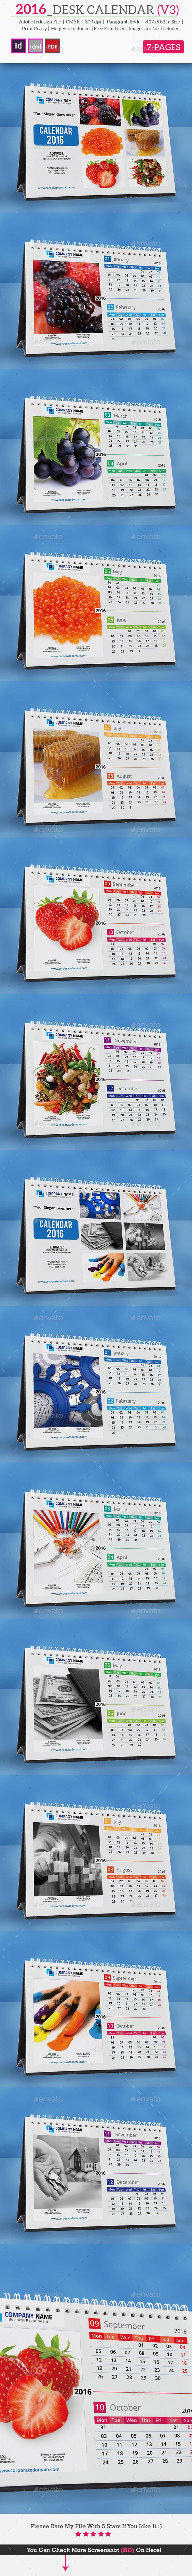 2016_Desk Calendar V3 - Calendars Stationery